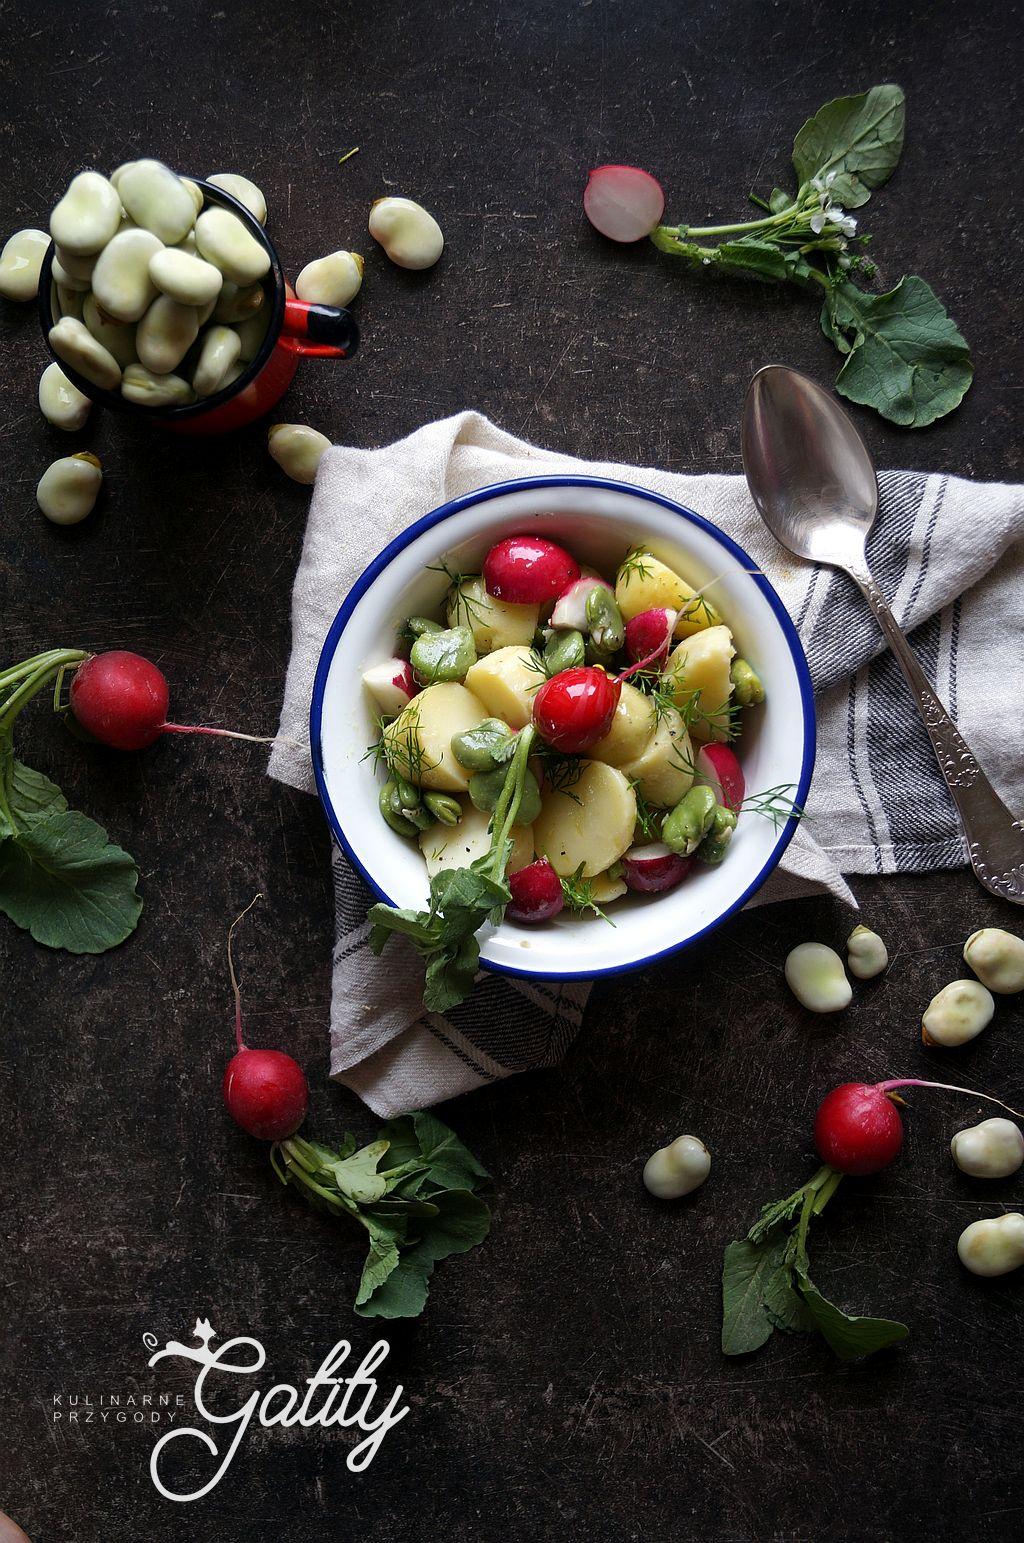 kolorowe-warzywa-w-misce-widok-z-gory